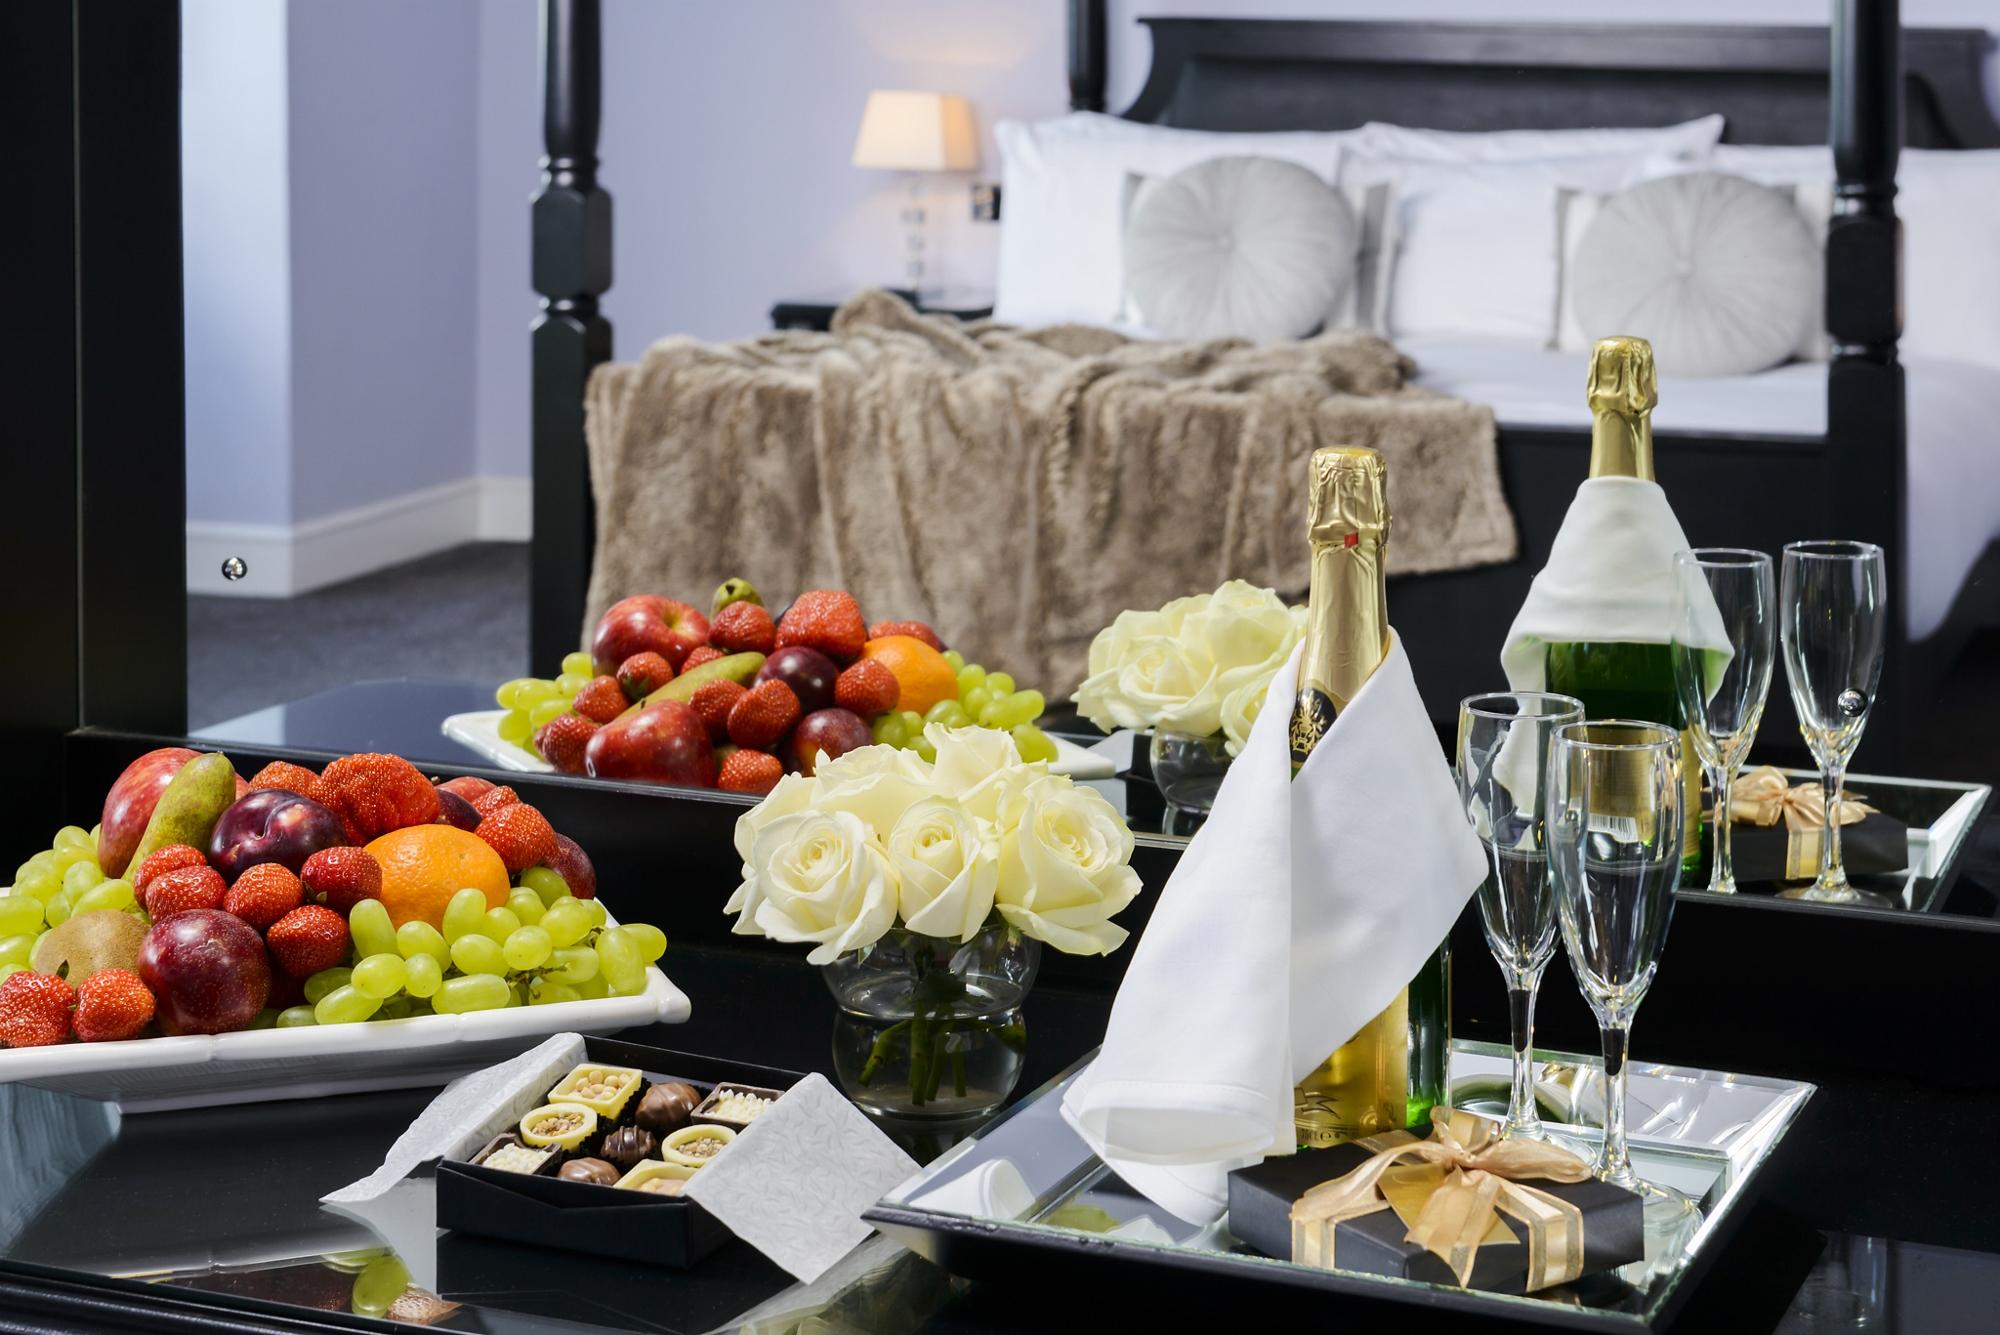 Hilgrove Hotel - Monaghan_3 (2000x1335)